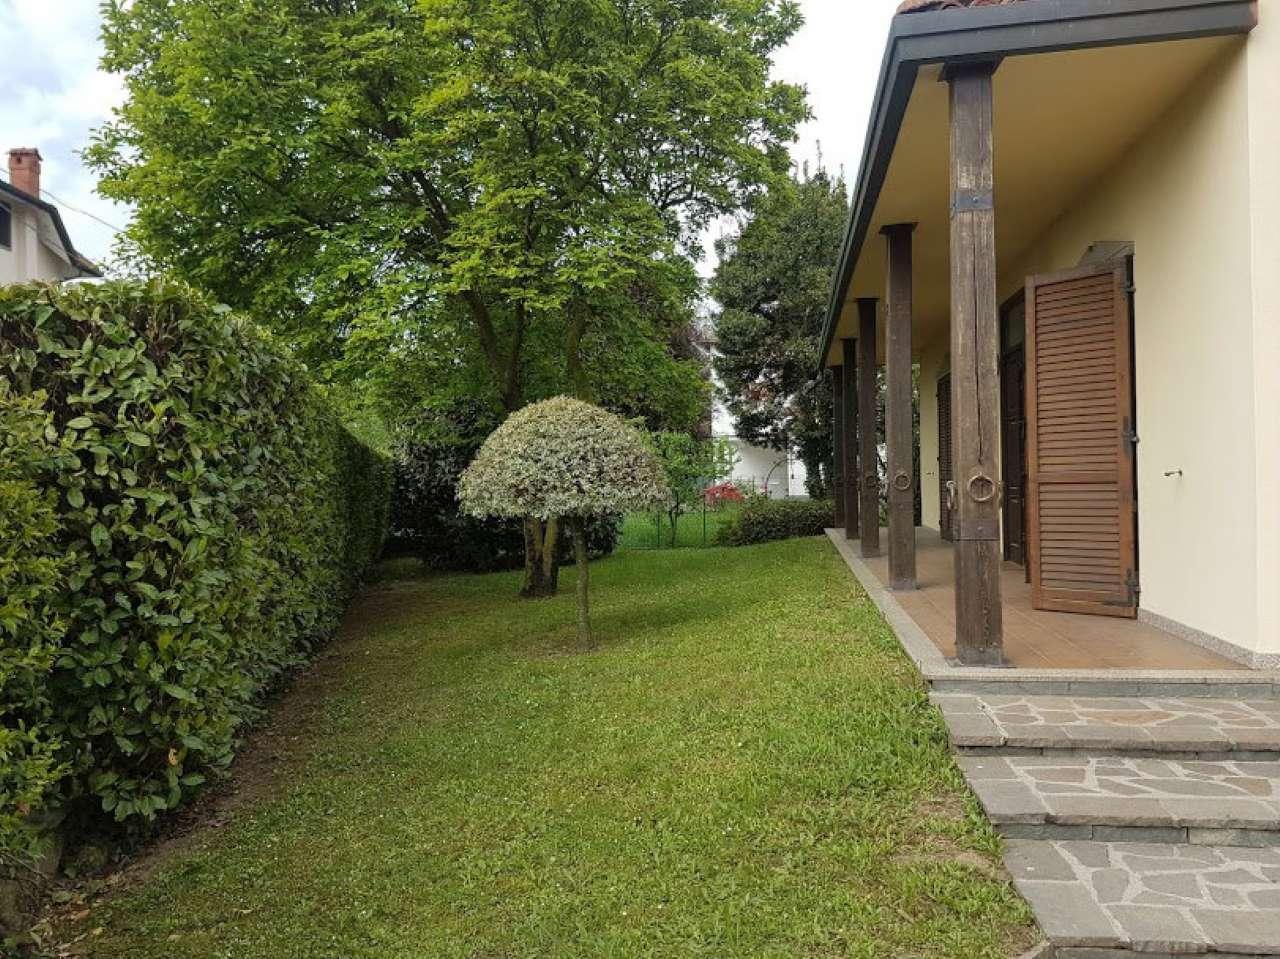 Villa in affitto a Calusco d'Adda, 3 locali, prezzo € 750 | PortaleAgenzieImmobiliari.it